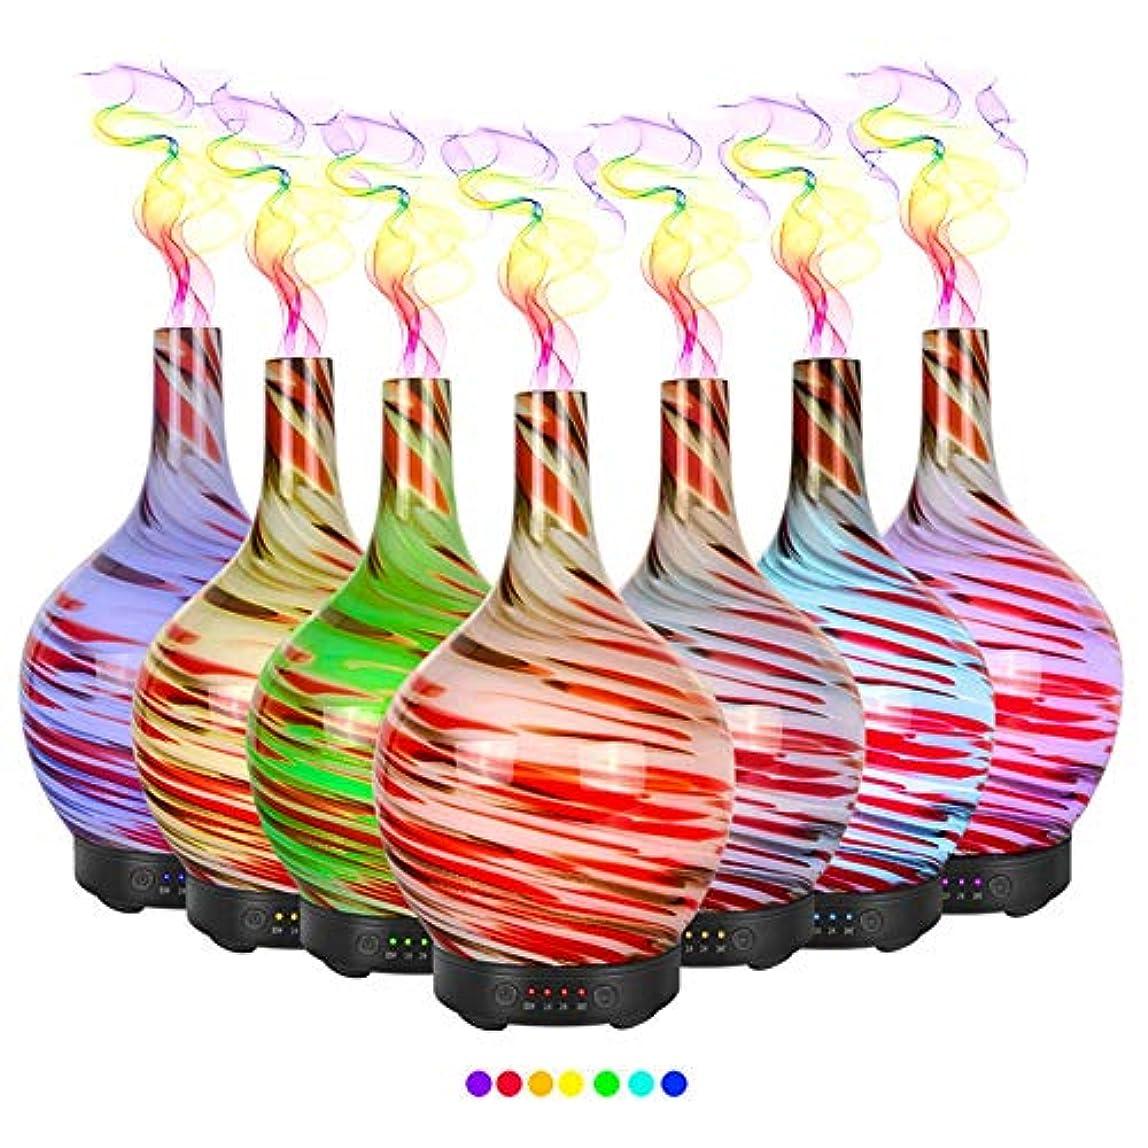 フィードバッククリップ蝶罹患率エッセンシャルオイル用ディフューザー (100ml)-3d アートガラス油絵アロマ加湿器7色の変更 LED ライト & 4 タイマー設定、水なしオートシャットオフ